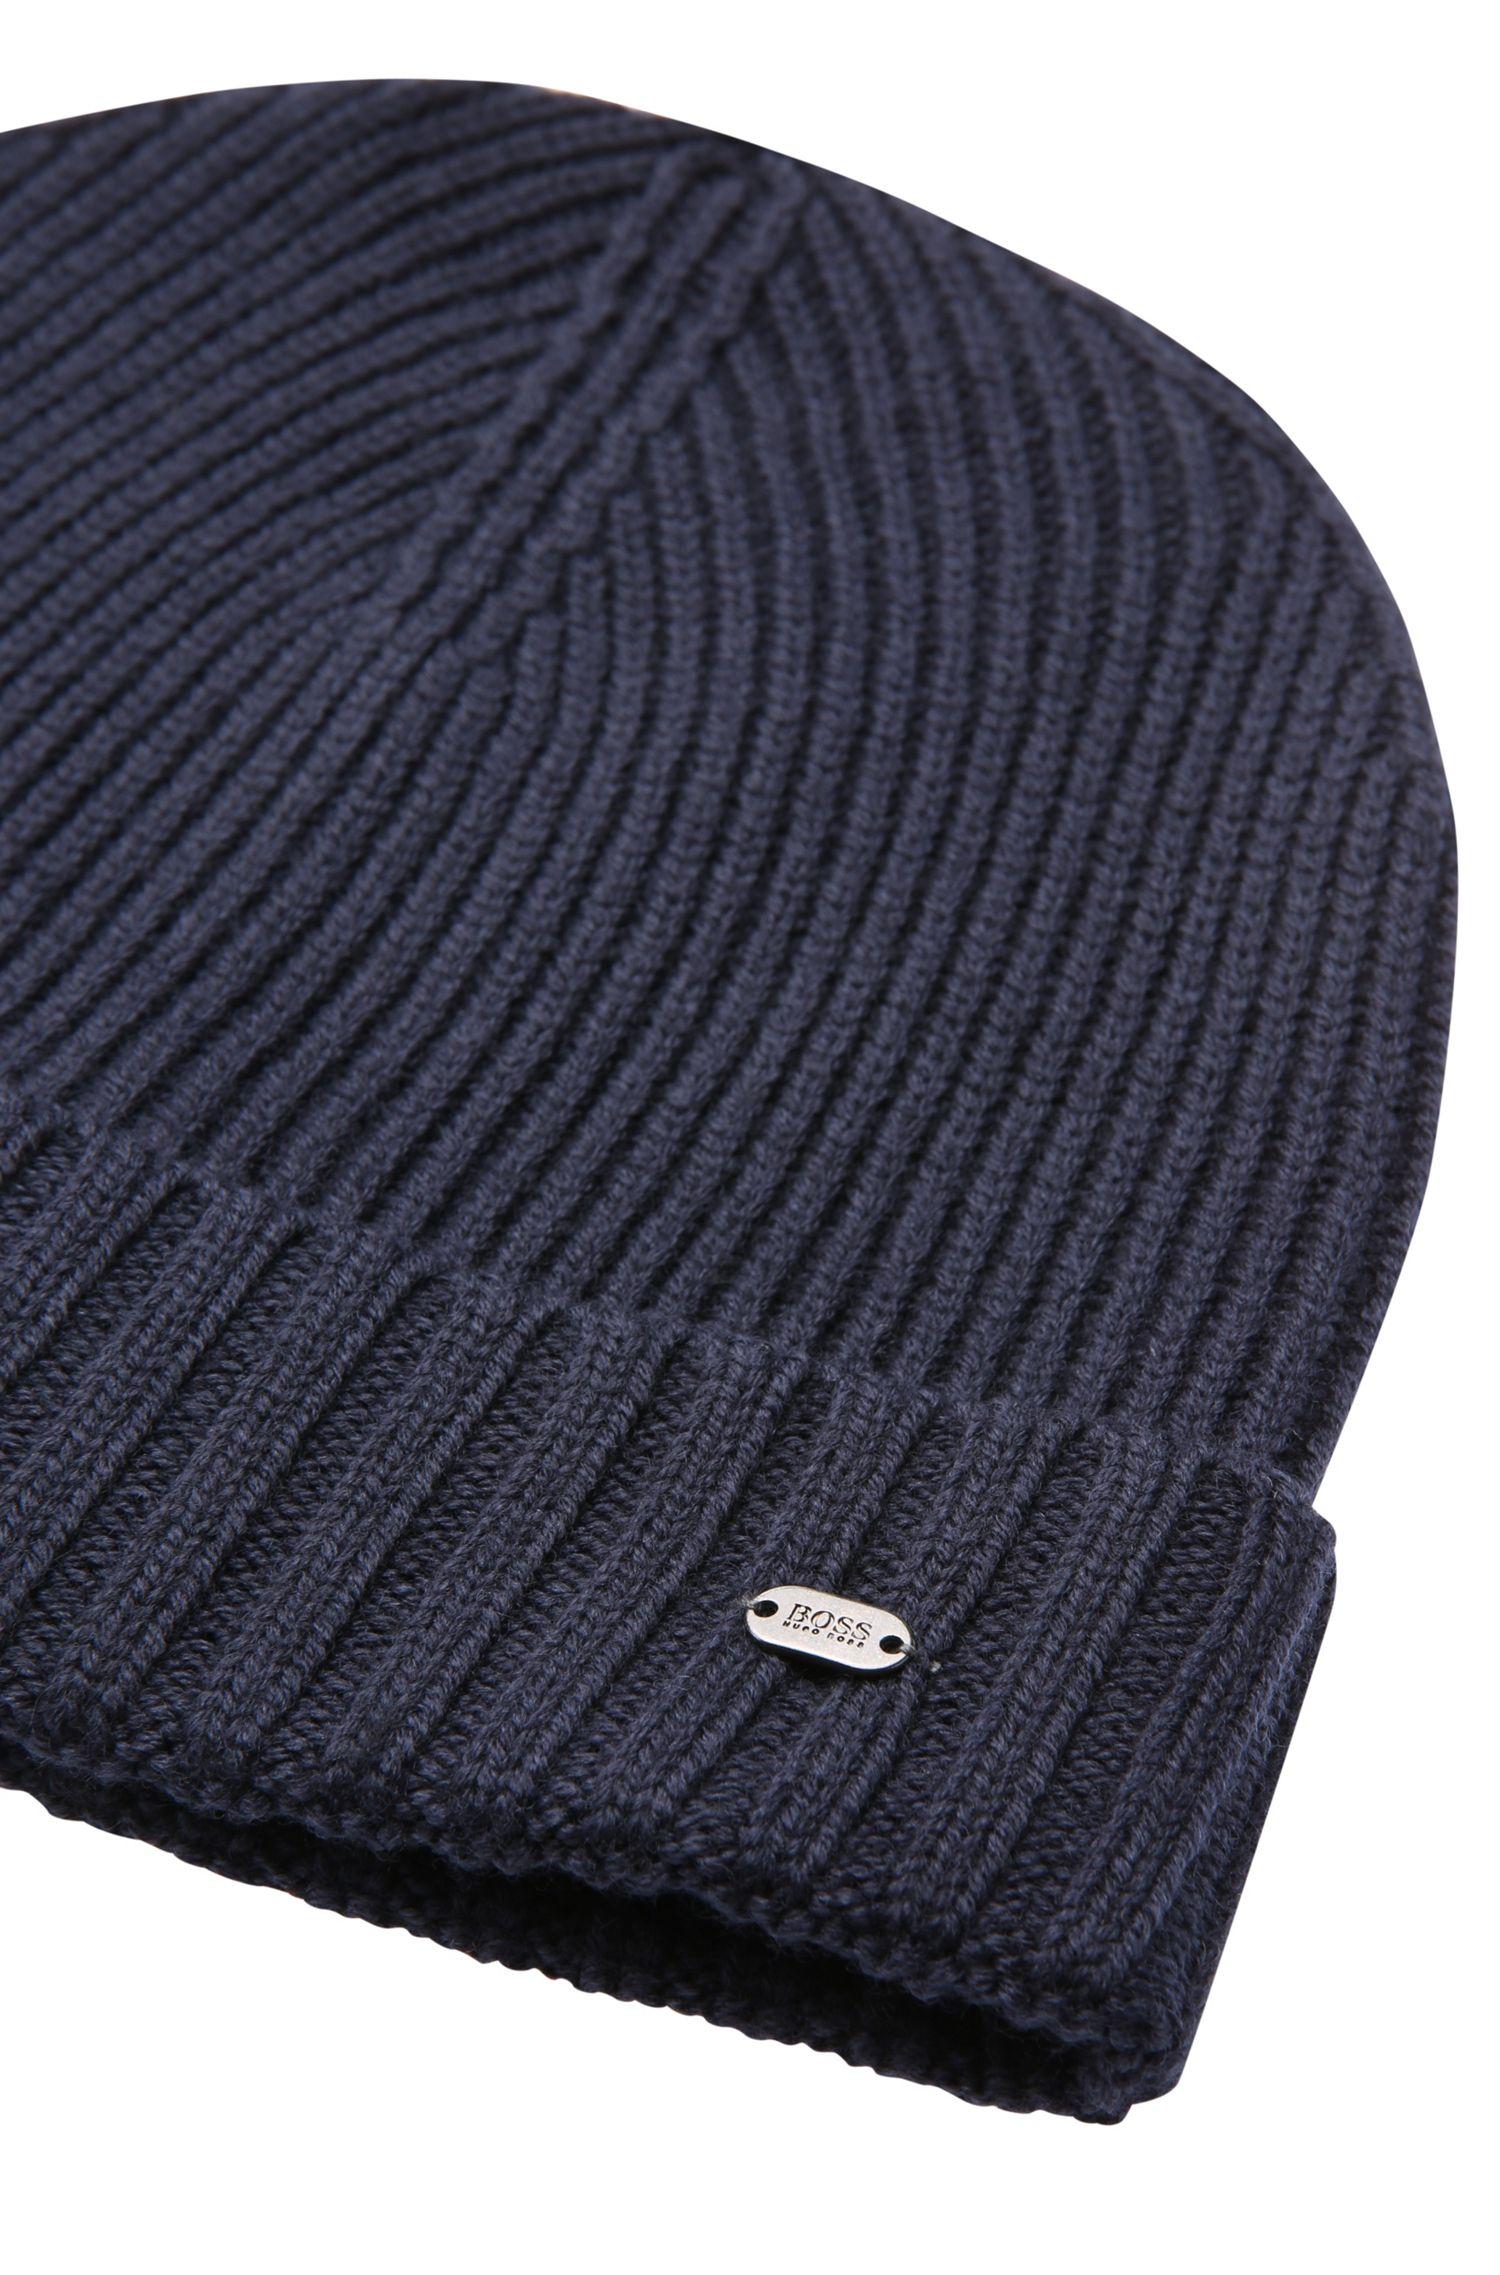 Berretto in lana vergine